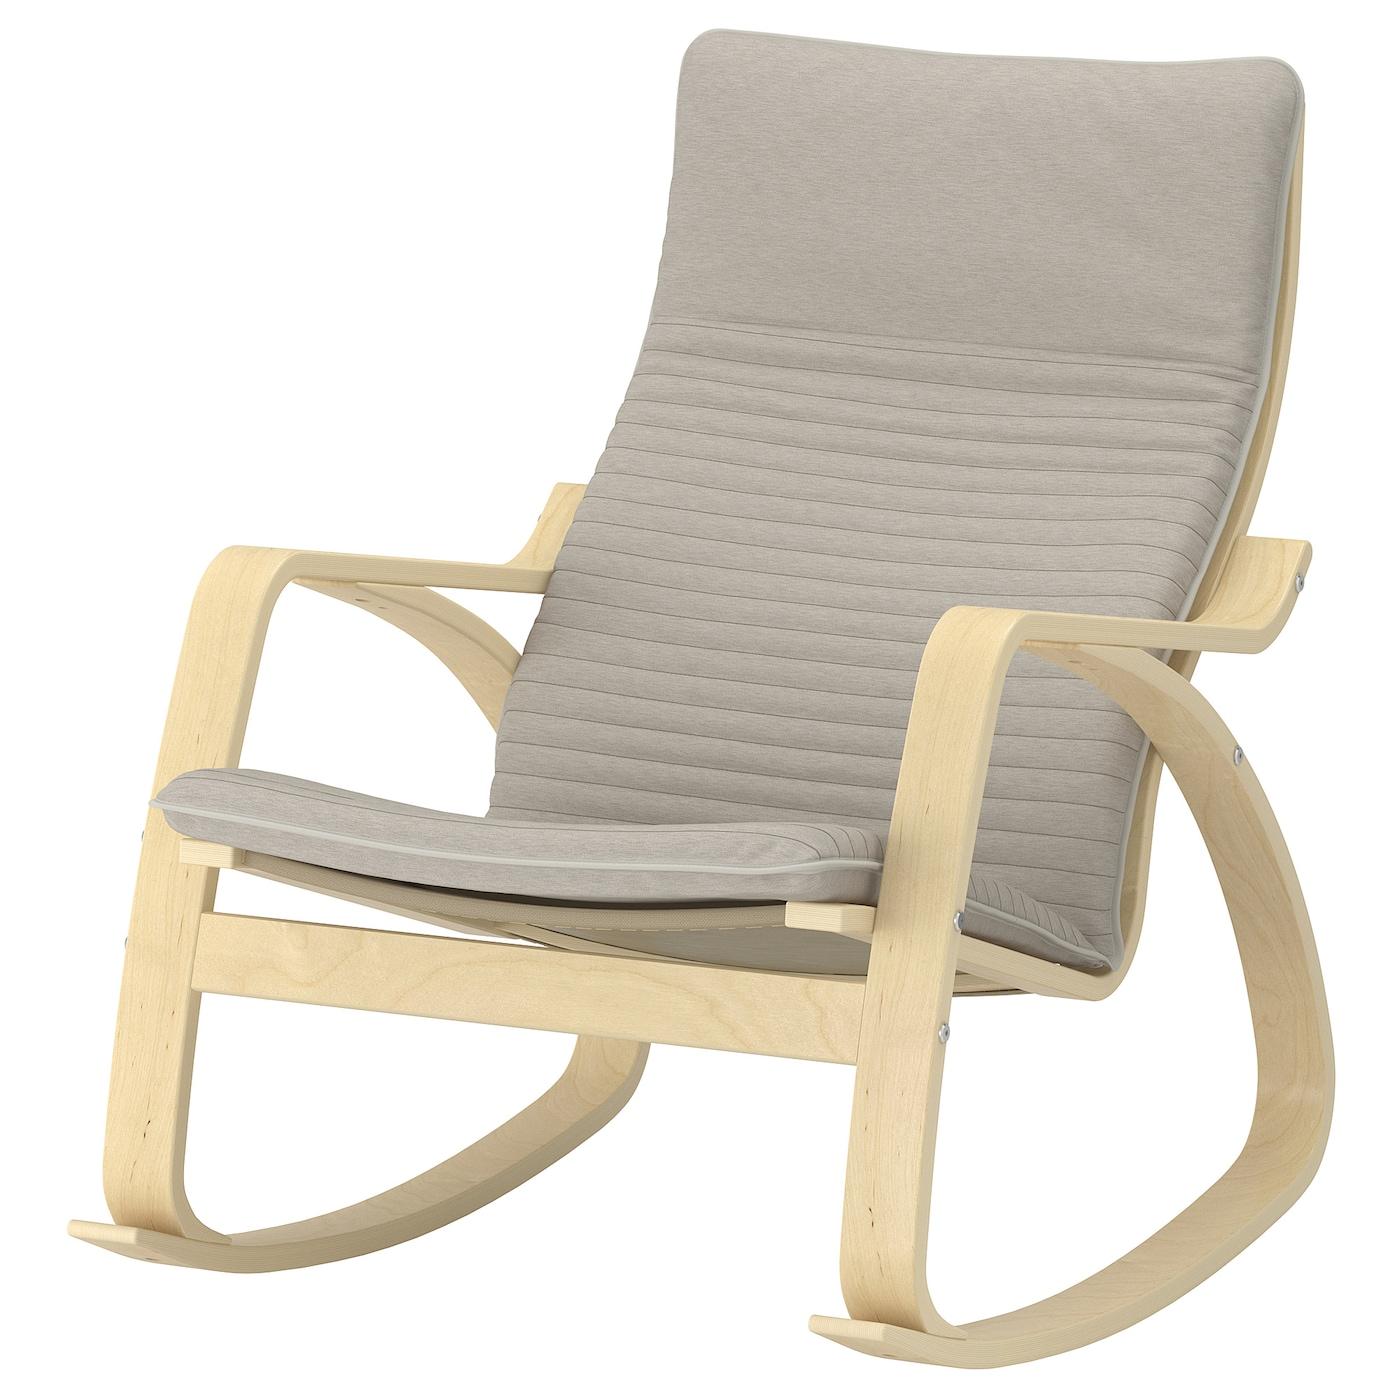 Ikea POANG Rocking chair, birch veneer, Knisa light beige